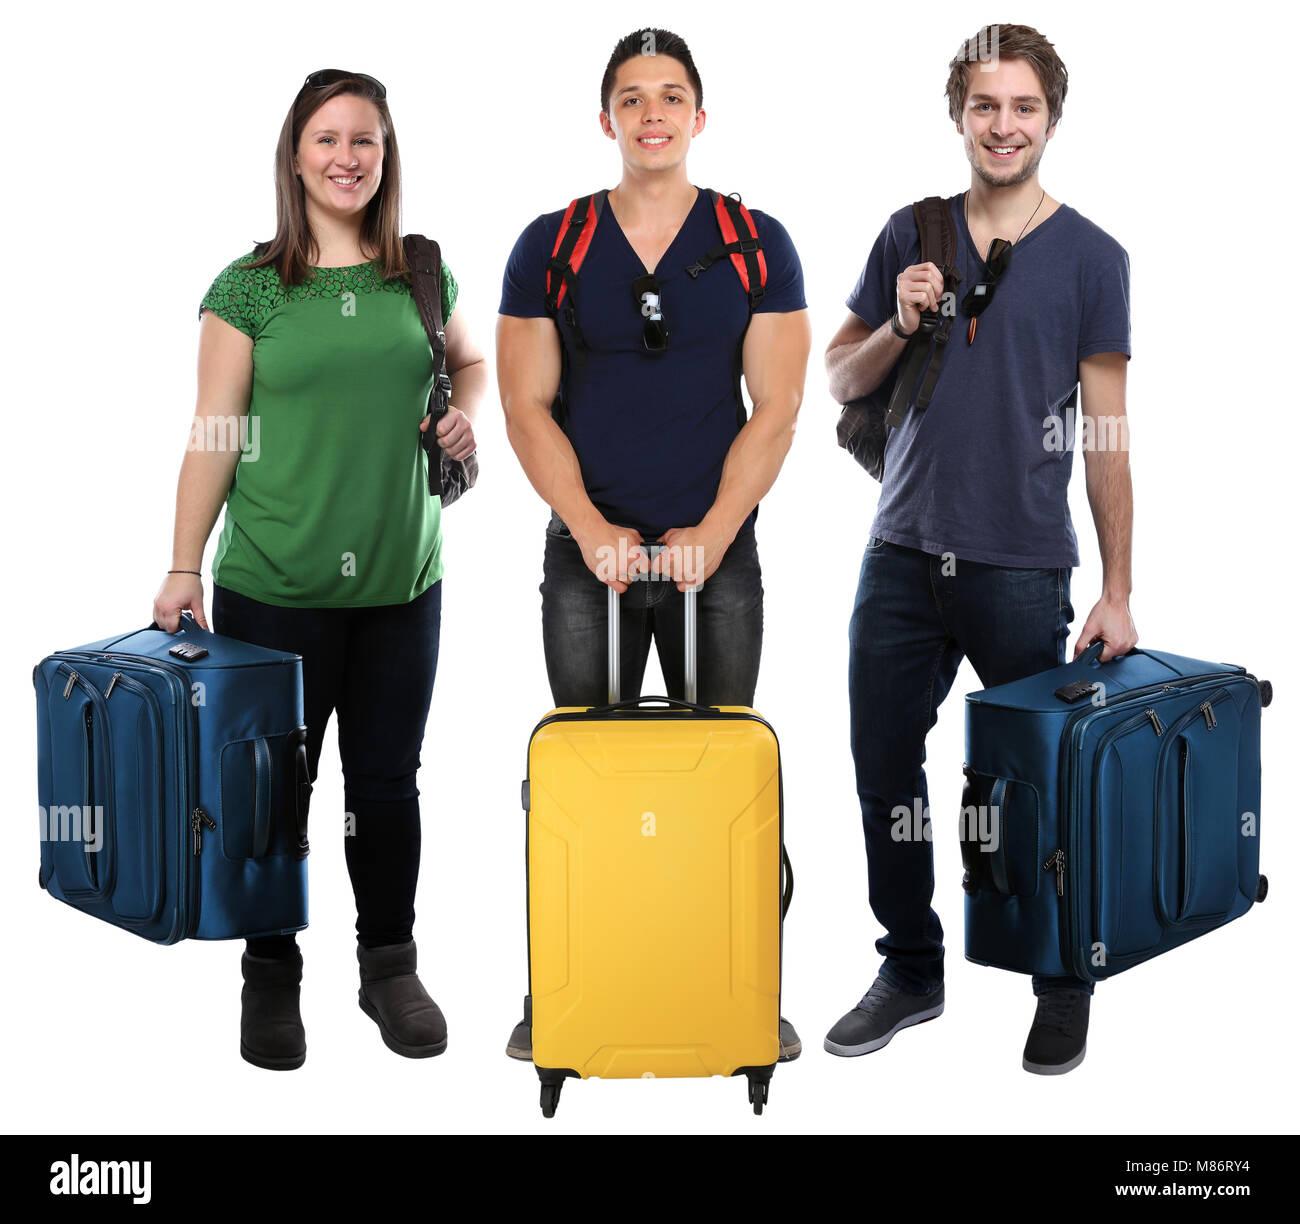 Groupe de jeunes locations de vacances assurance sac de voyage Voyager isolé sur fond blanc Photo Stock